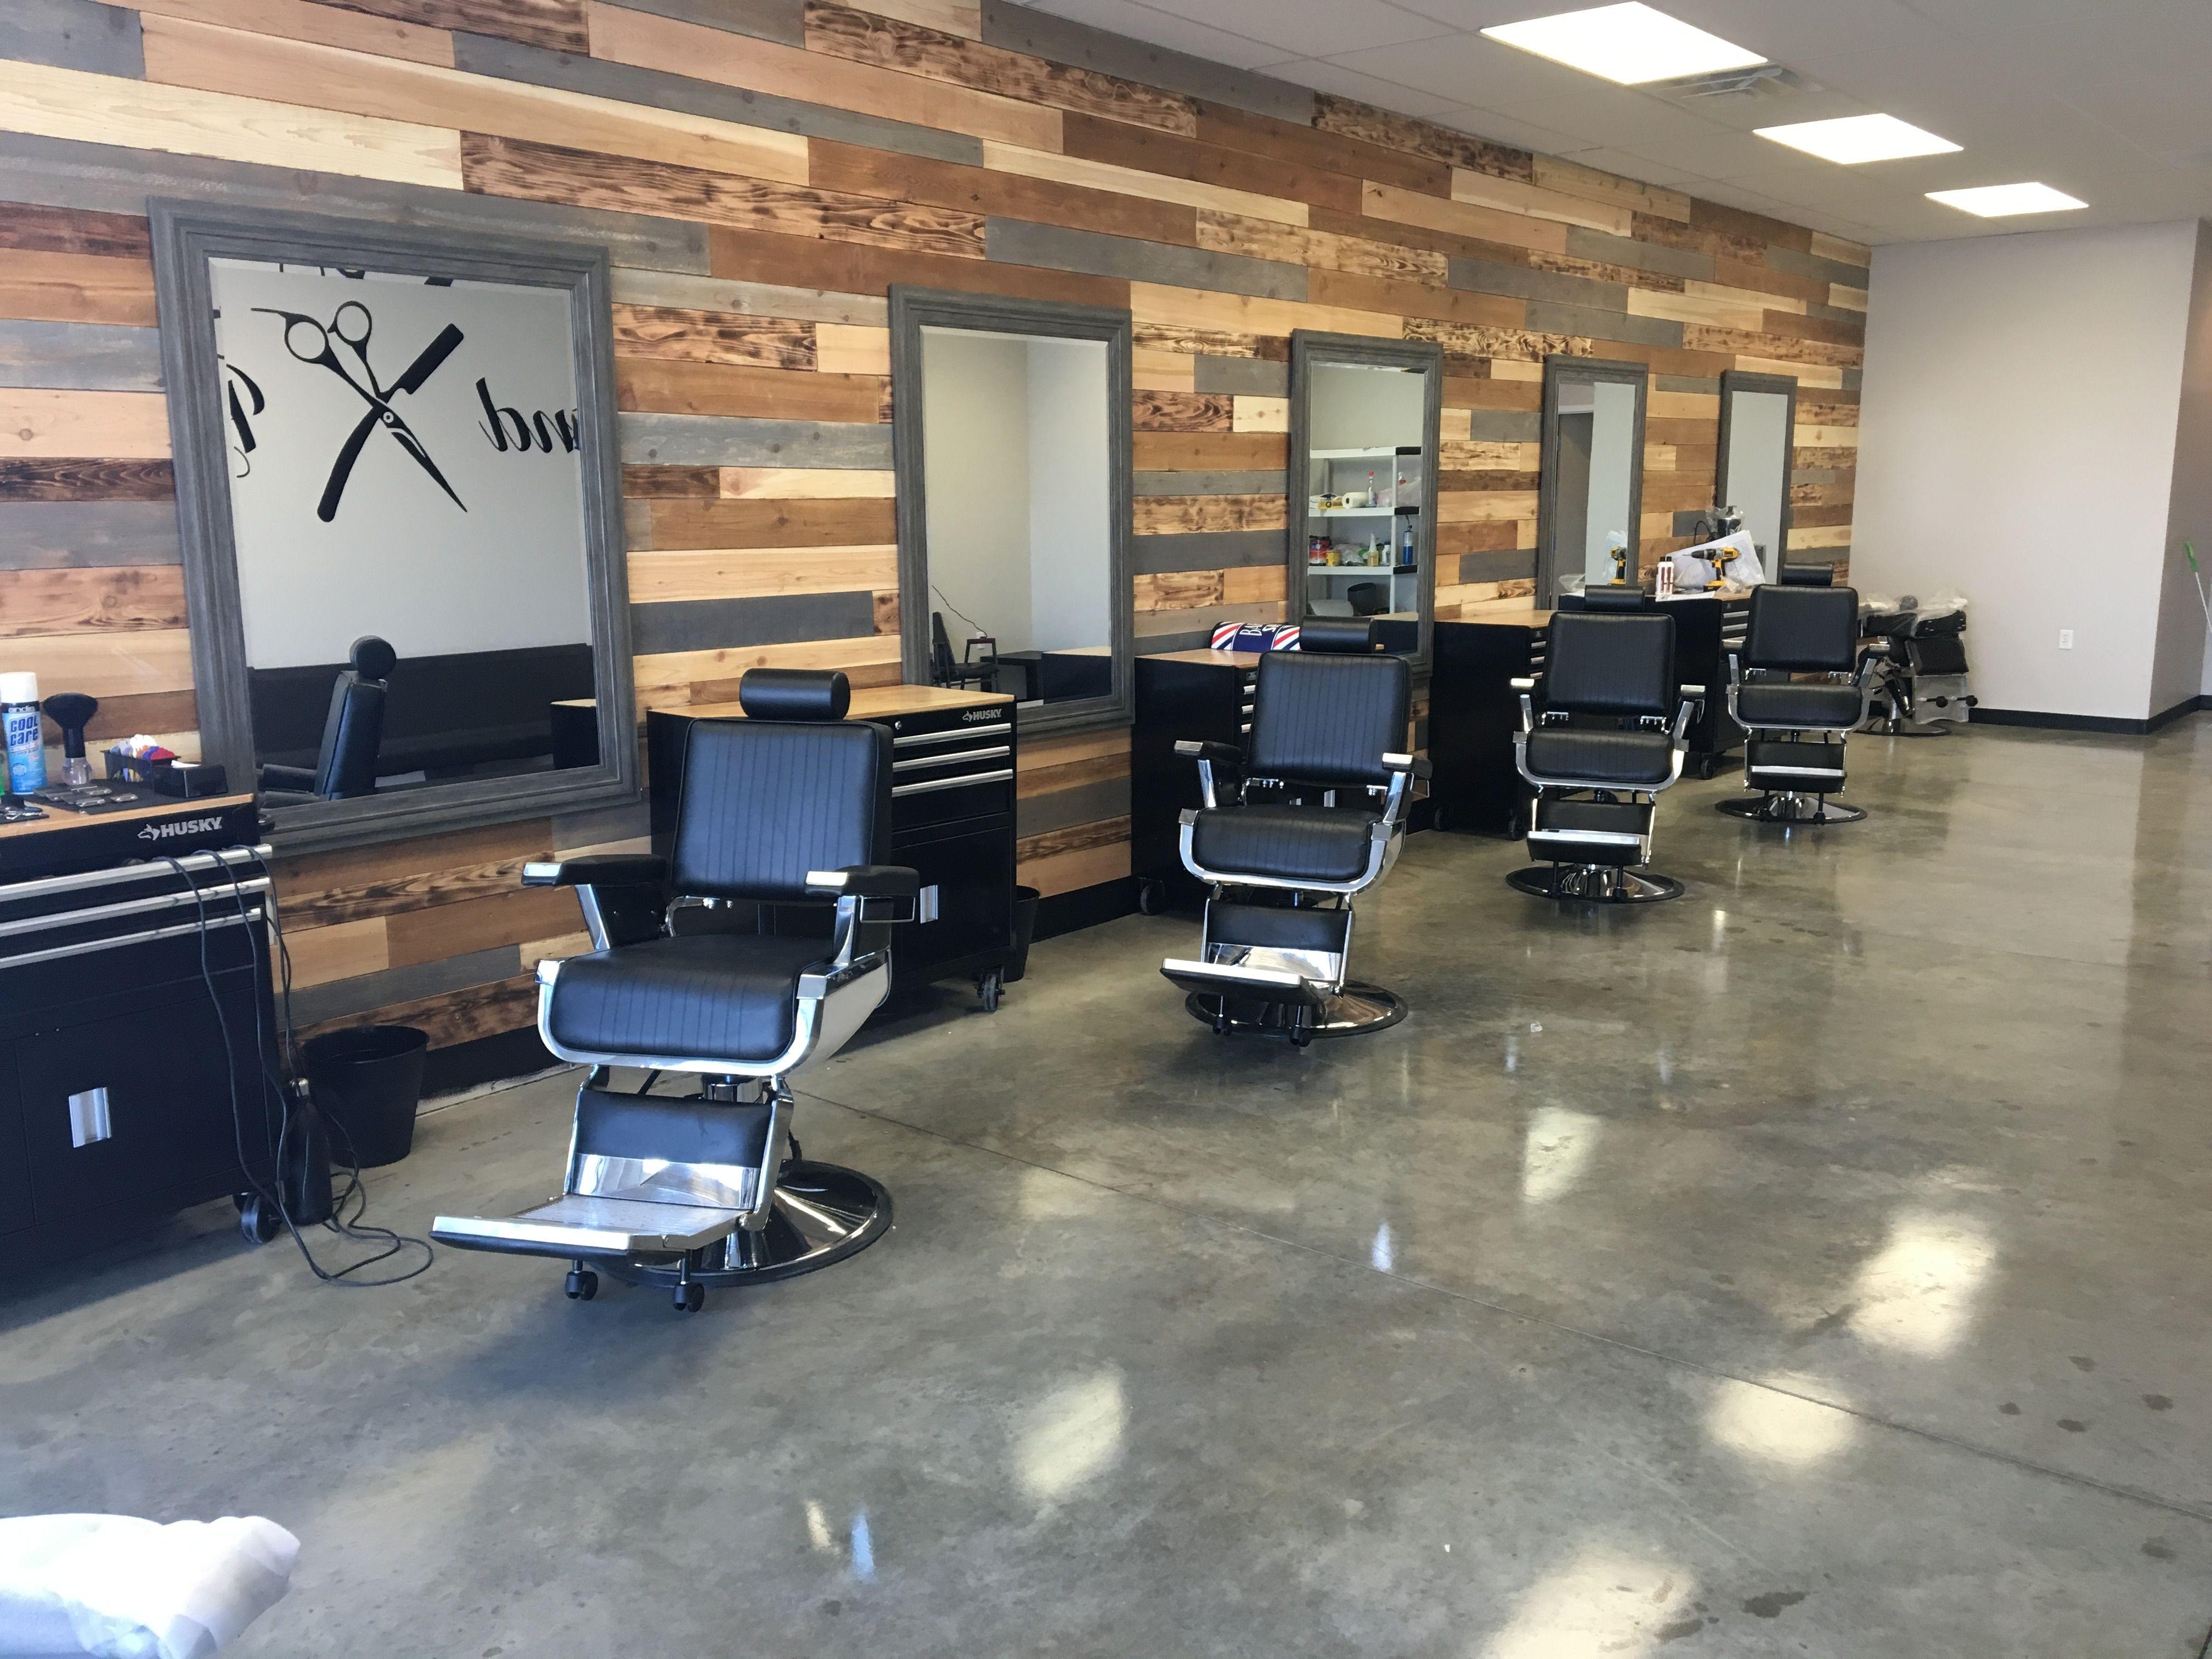 Westend Barbers In West Valley City Utah Shops Barber Shop